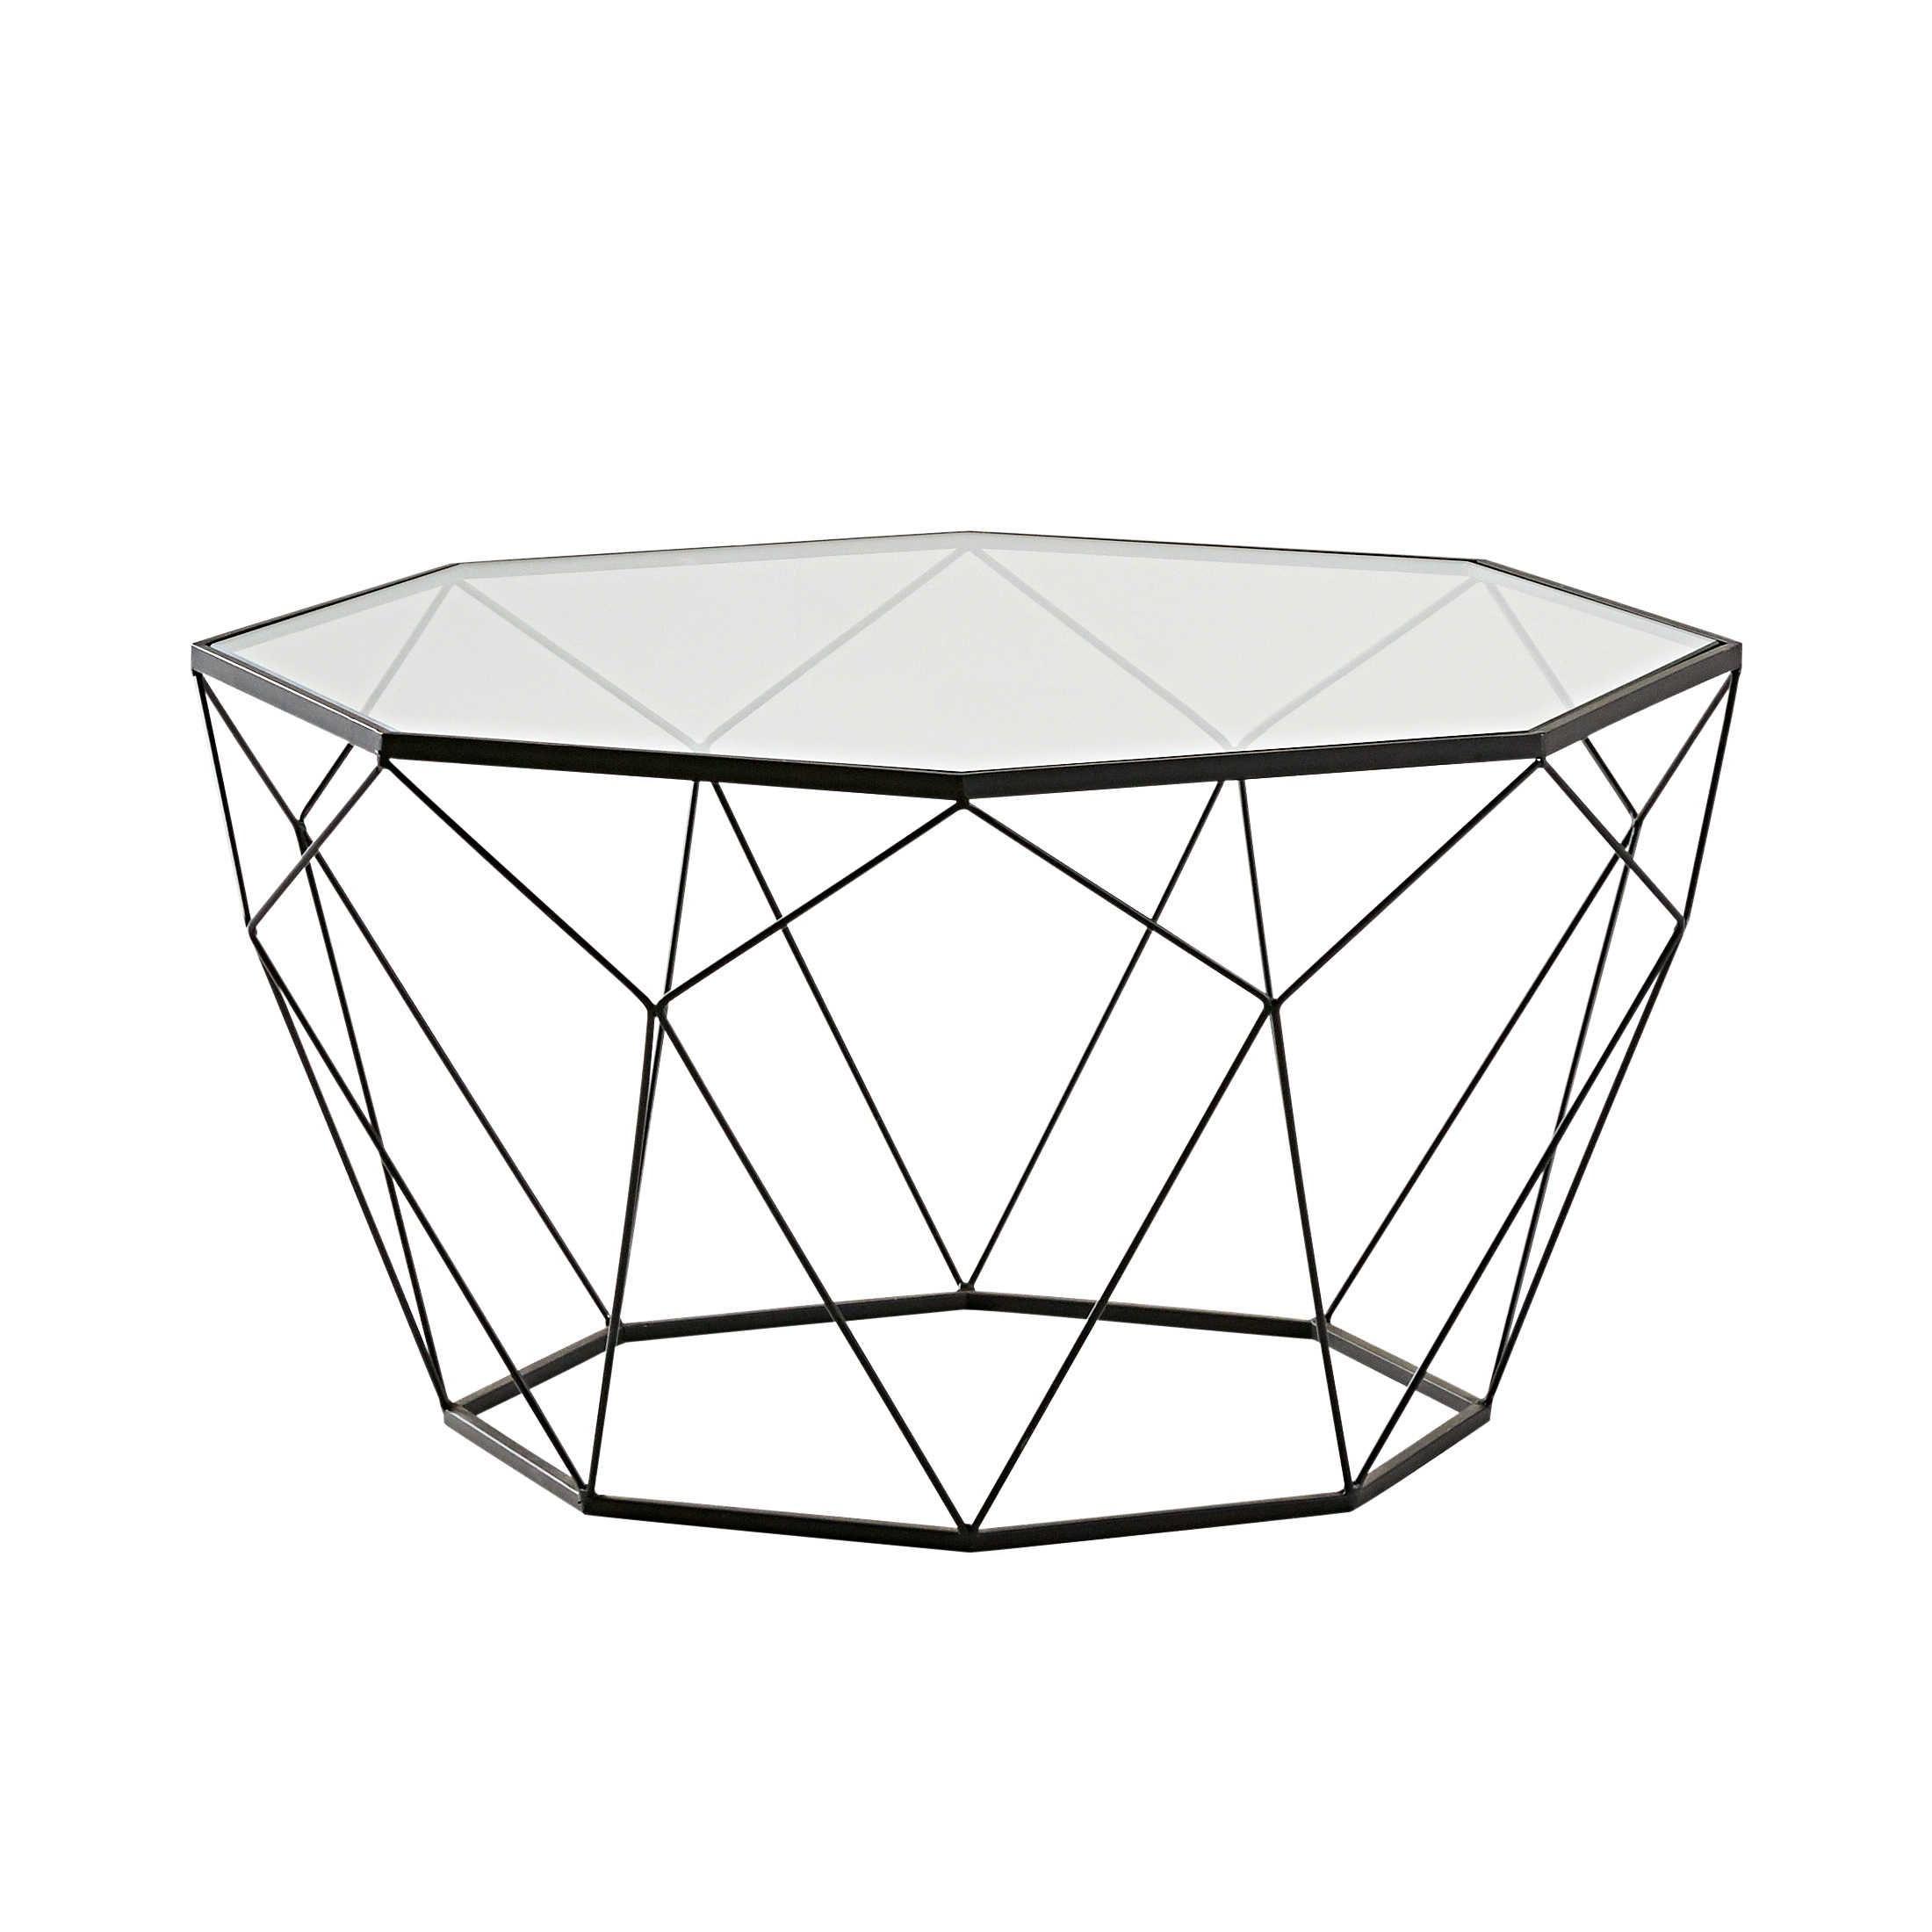 Widely Used Flat Black And Cobre Coffee Tables Regarding Couchtisch Aus Schwarzem Metall, Mit Sicherheitsglas In 2018 (Gallery 4 of 20)